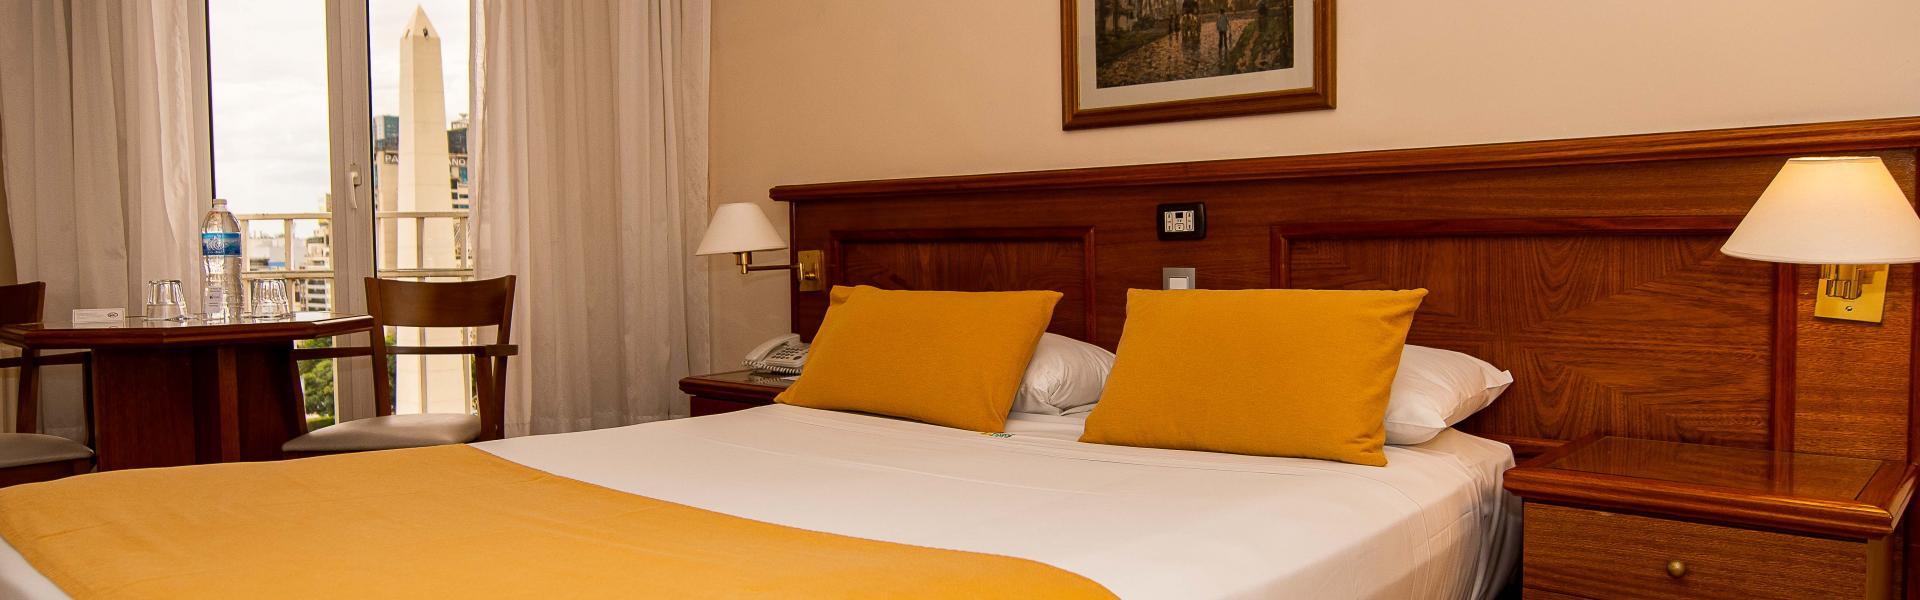 Habitación doble con vistas Hotel Bristol Buenos Aires